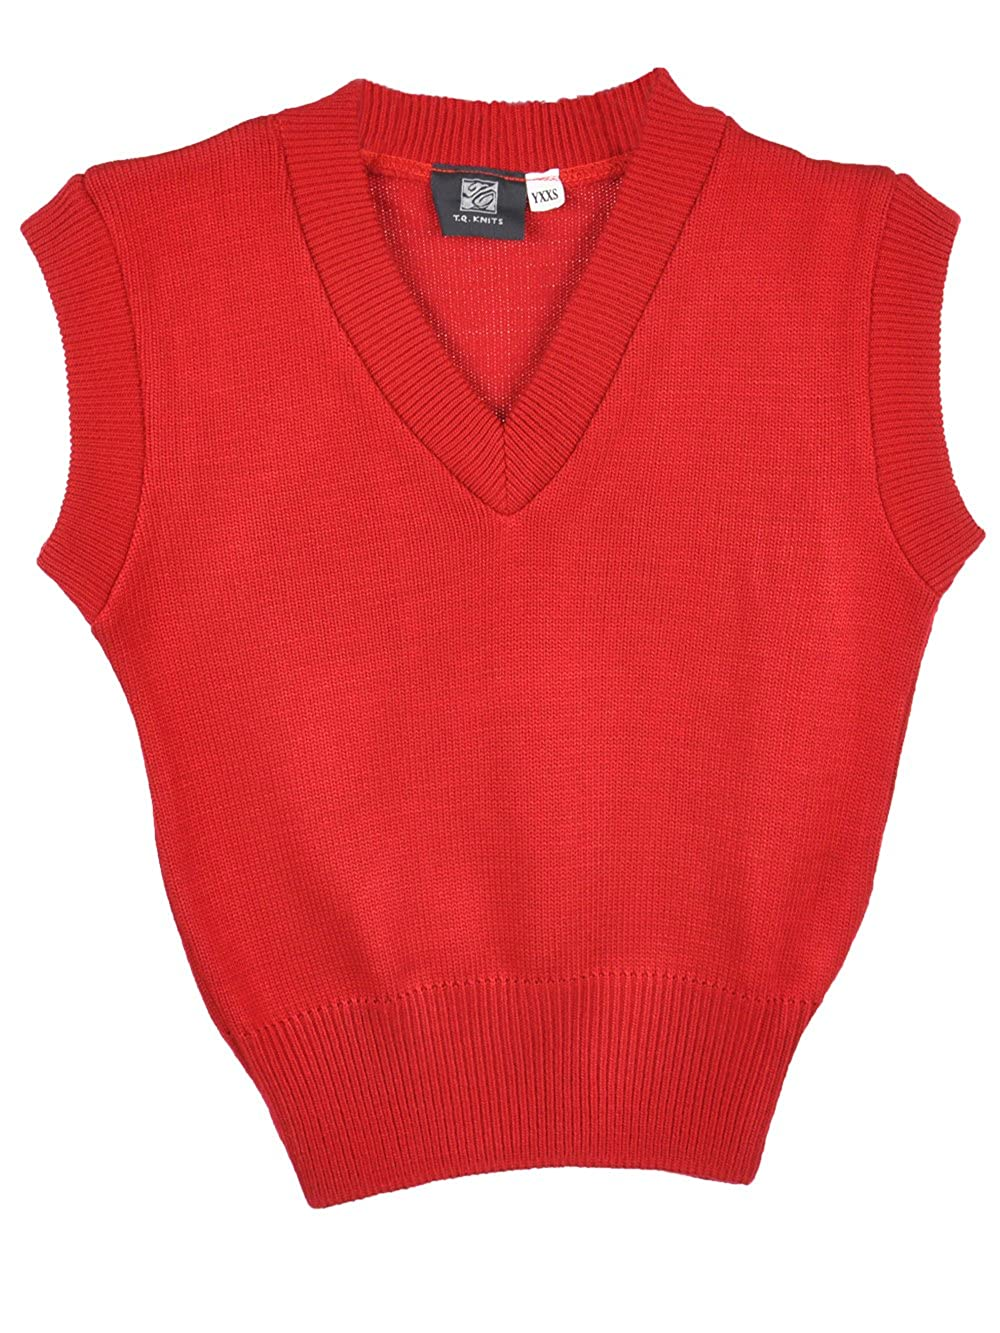 T.Q. Knits Unisex Sweater Vest